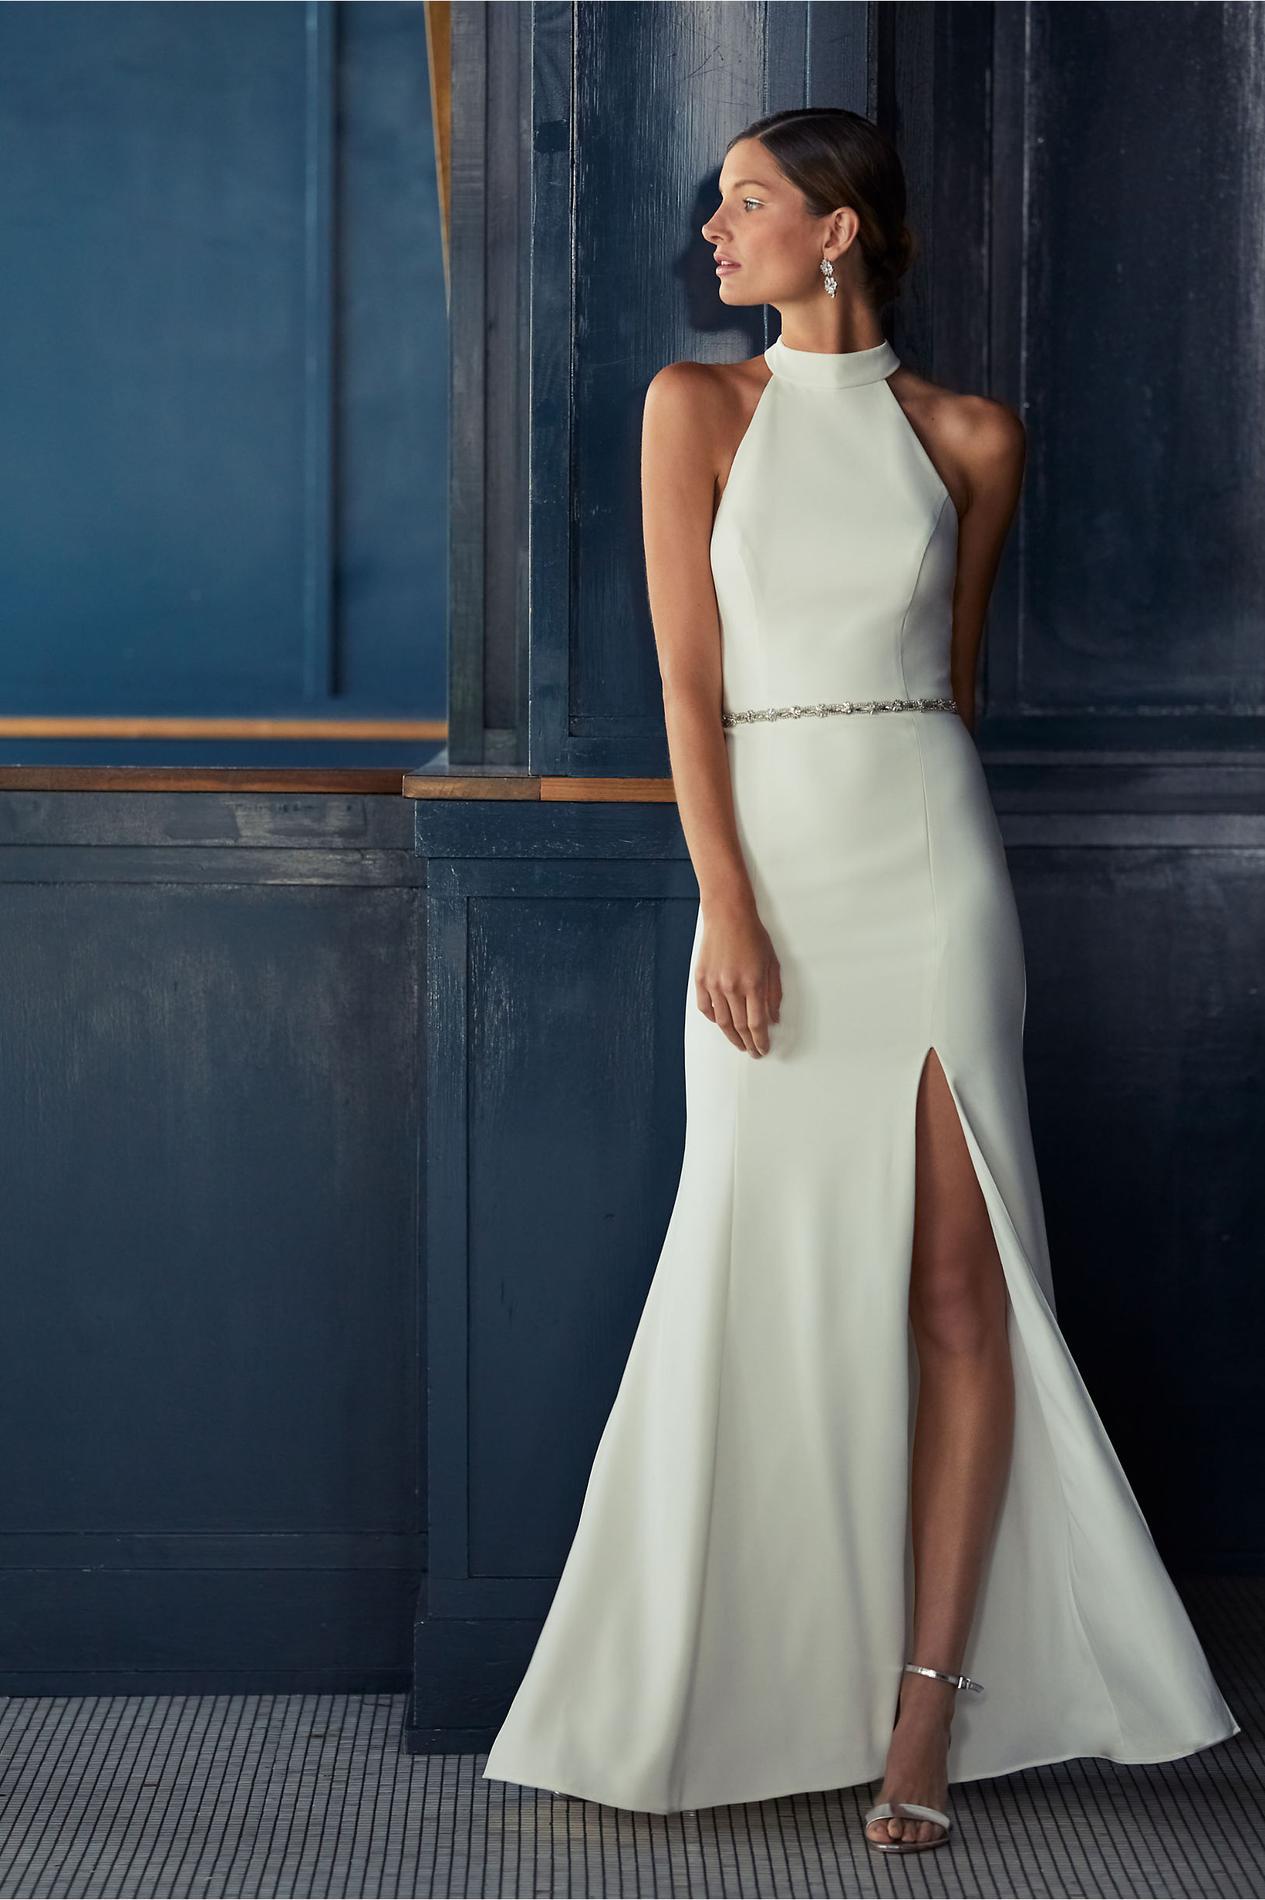 élégantes Et Bien Coupées Nos Robes De Mariées à Moins De